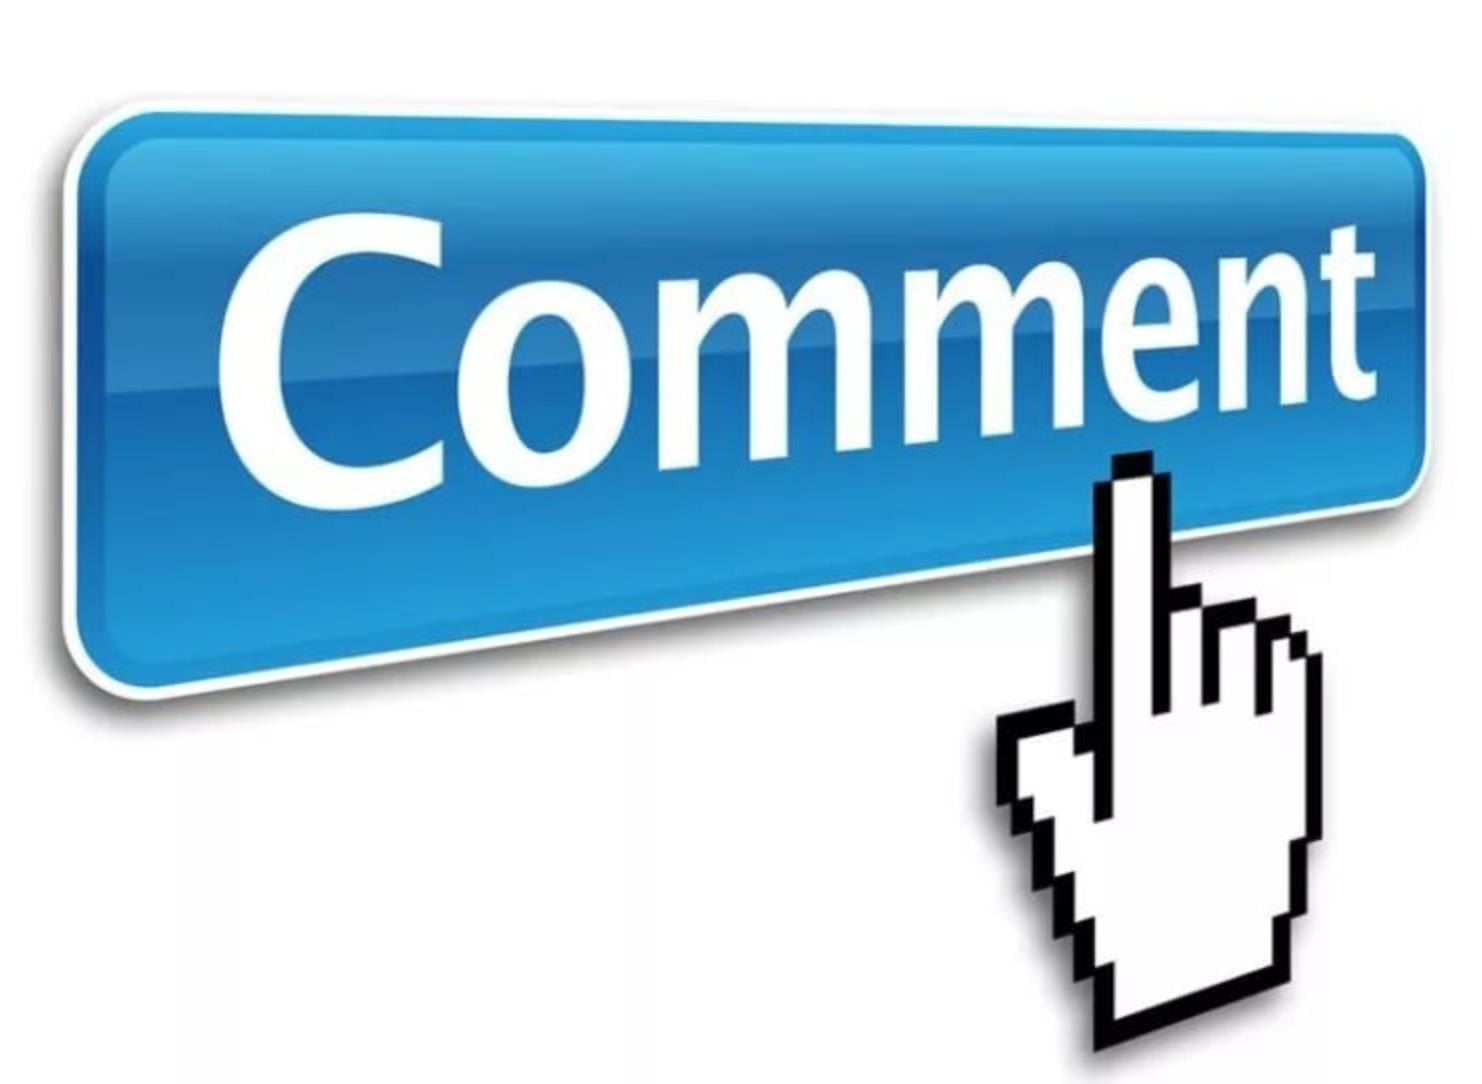 Комментируйте и отвечайте на сообщения пользователей, чтобы получить больше трафика